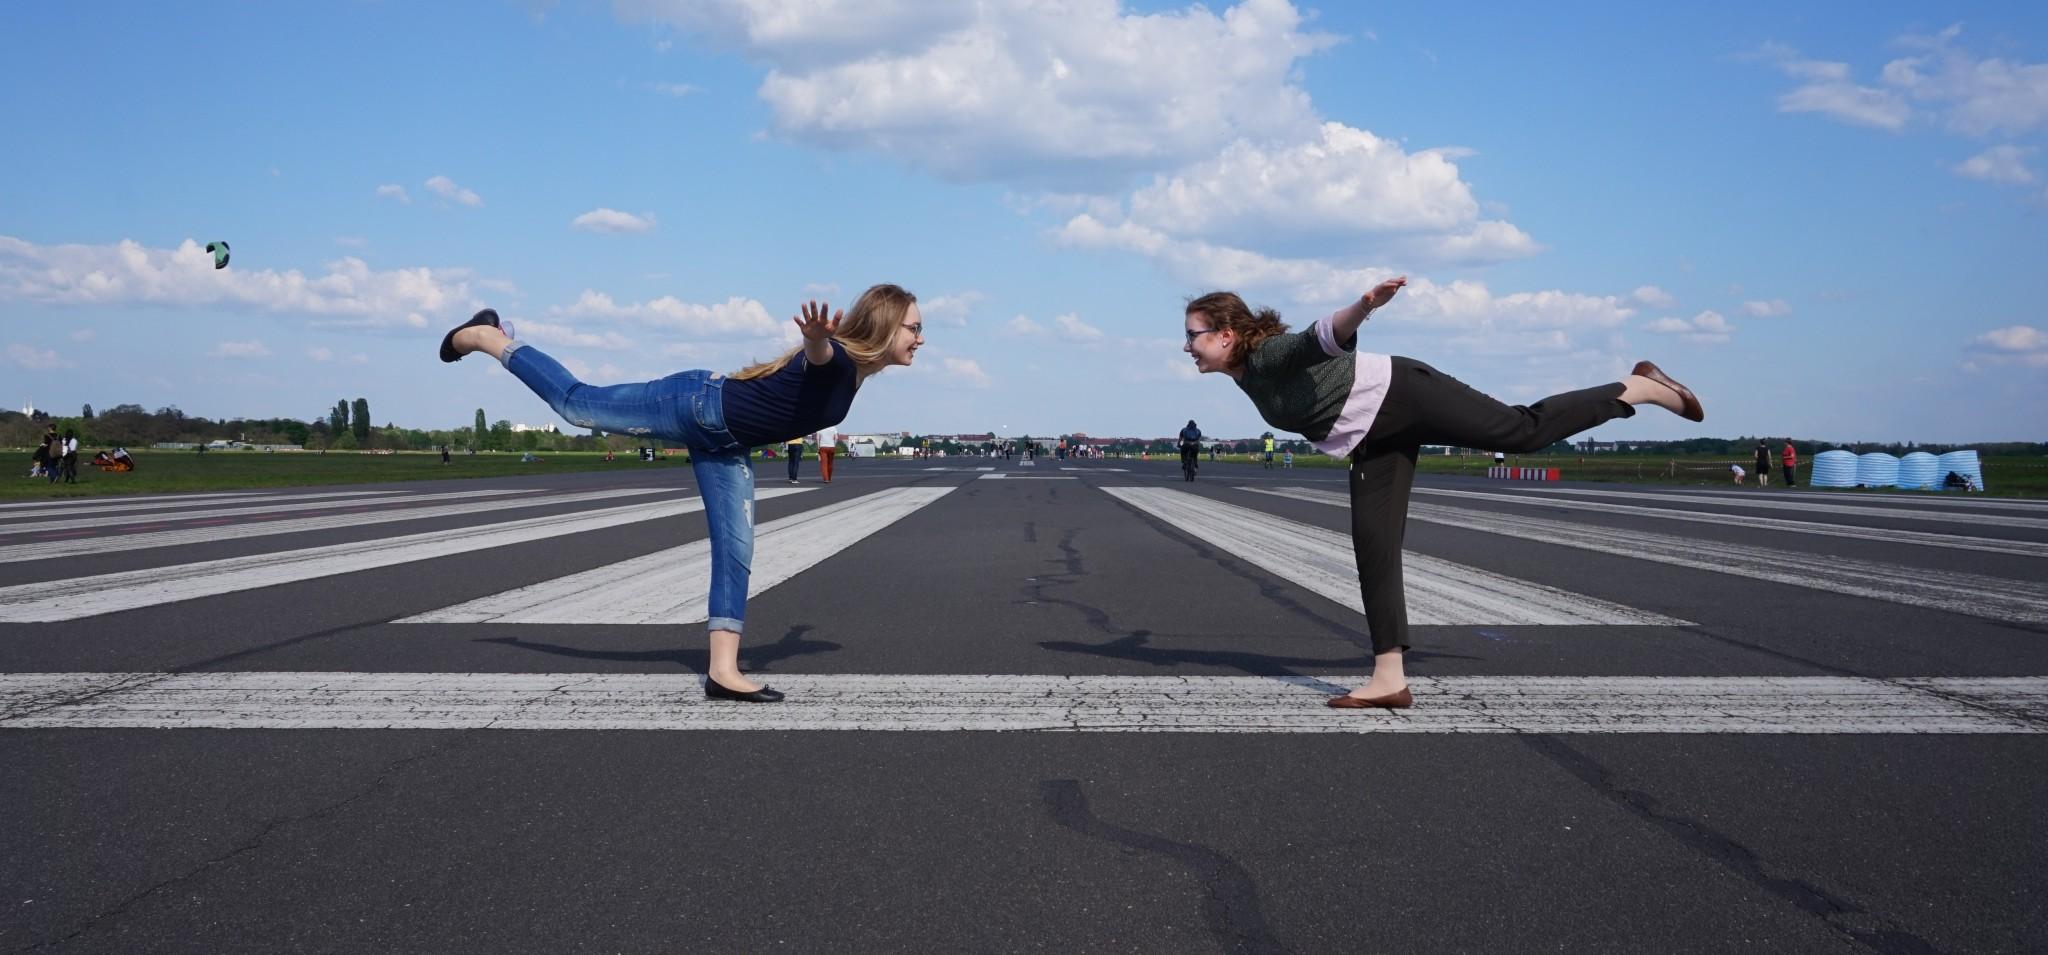 Tempelhofin lentokenttä (129)